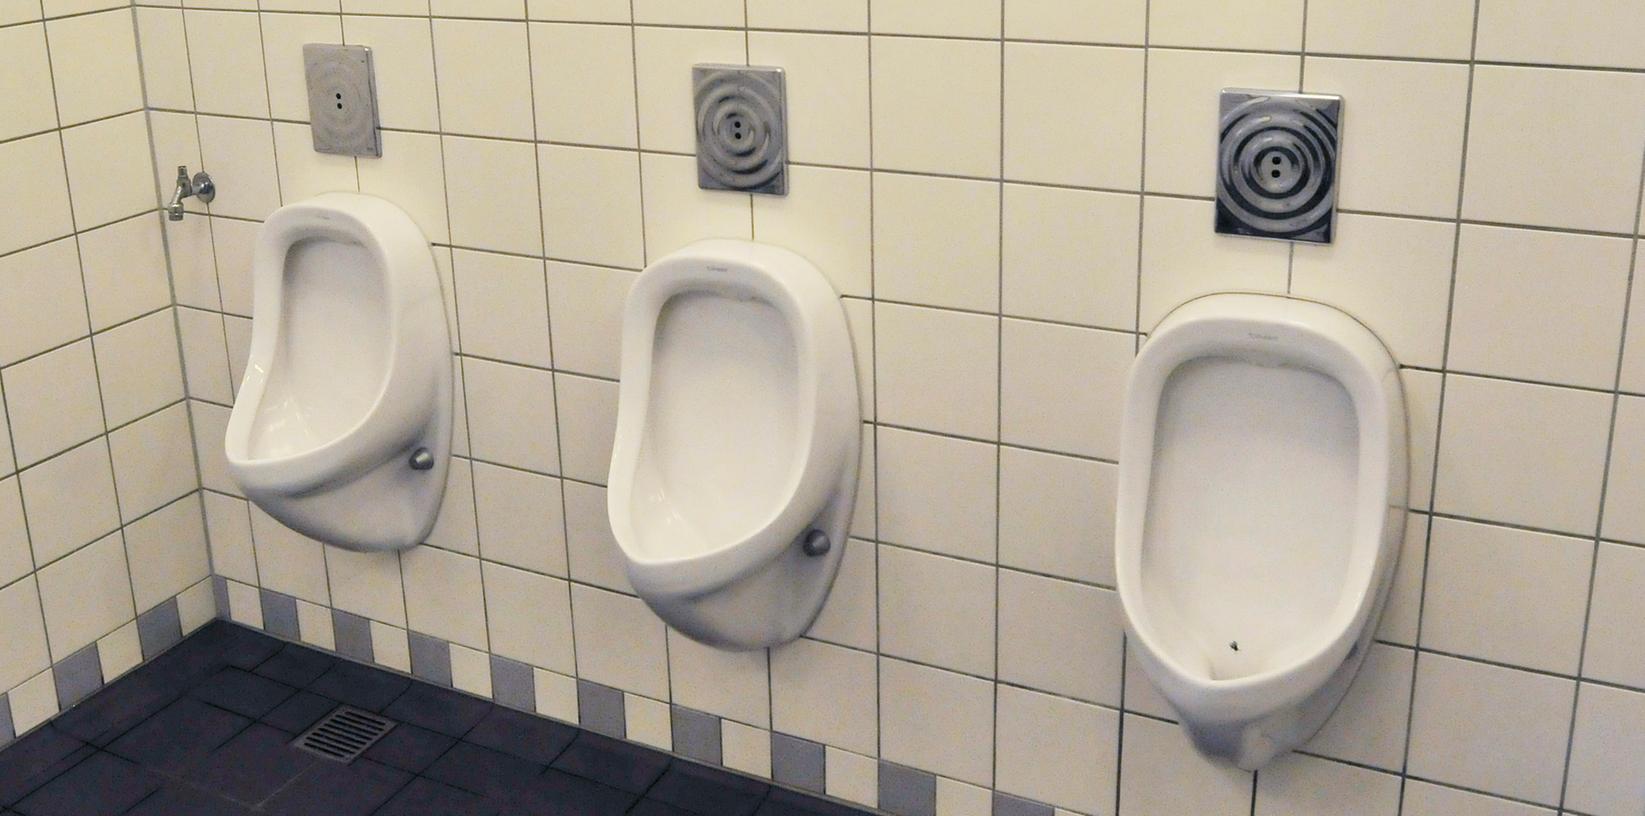 Immer häufiger werden öffentliche Toiletten auch zum Übernachten genutzt. Dem will die Stadt nun Einhalt gebieten.